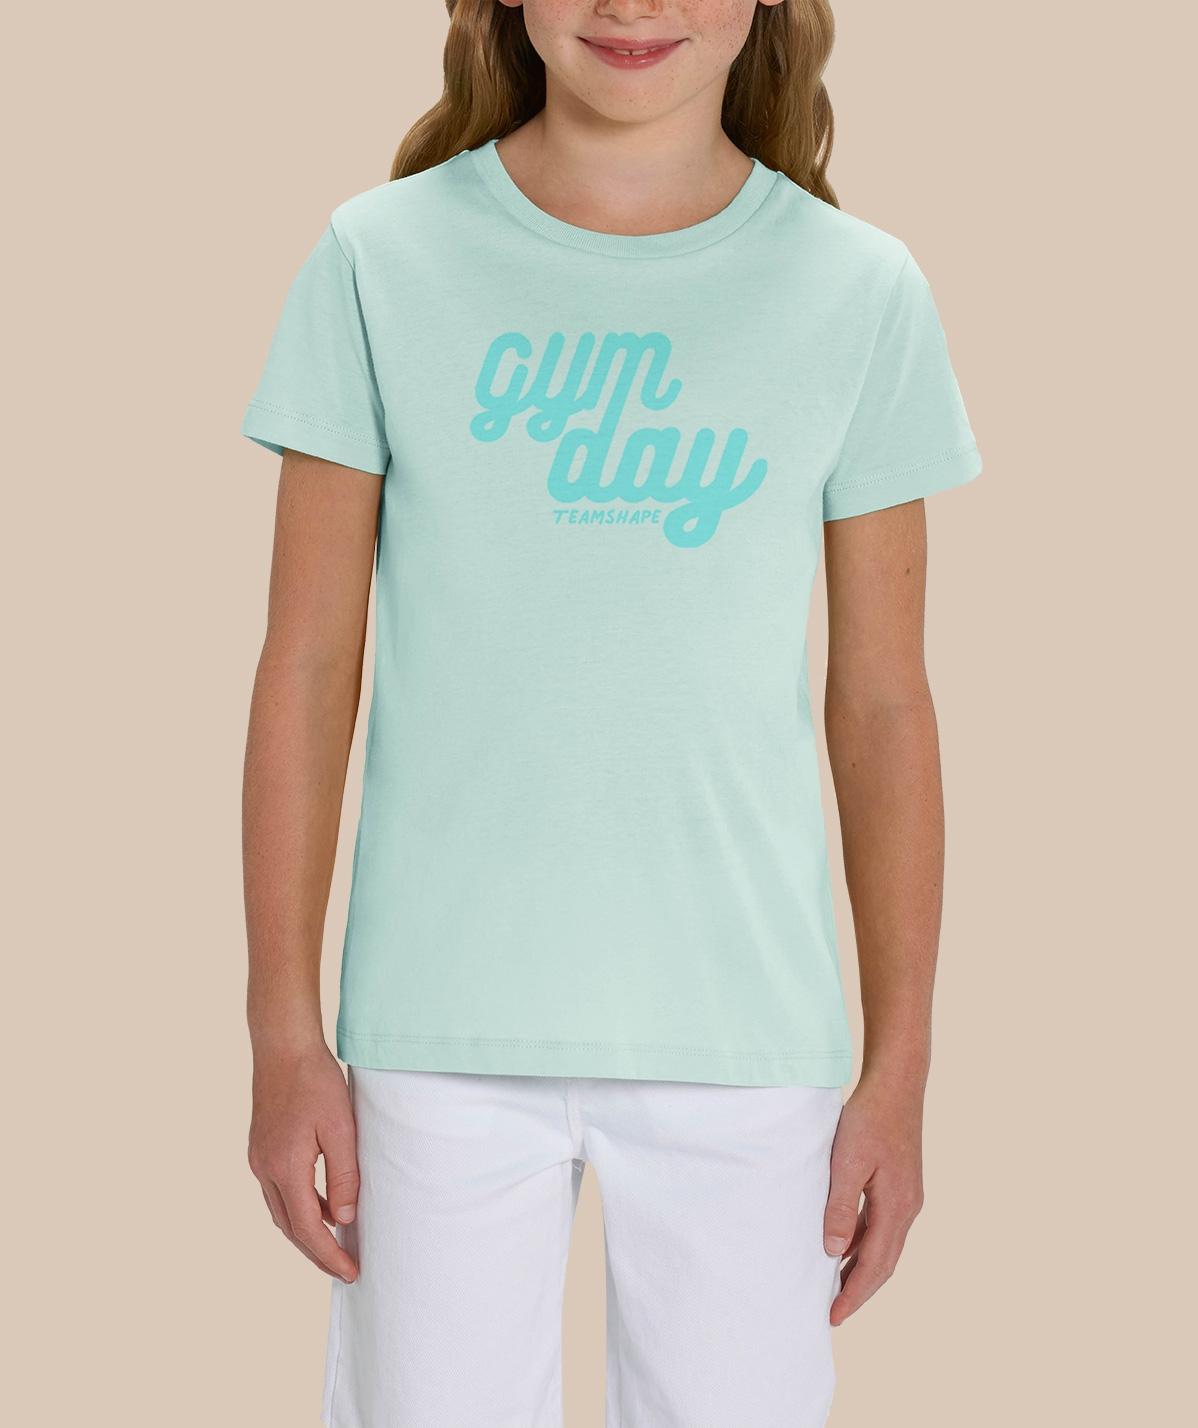 T-shirt Gymday - Bleu Caraïbe Fille